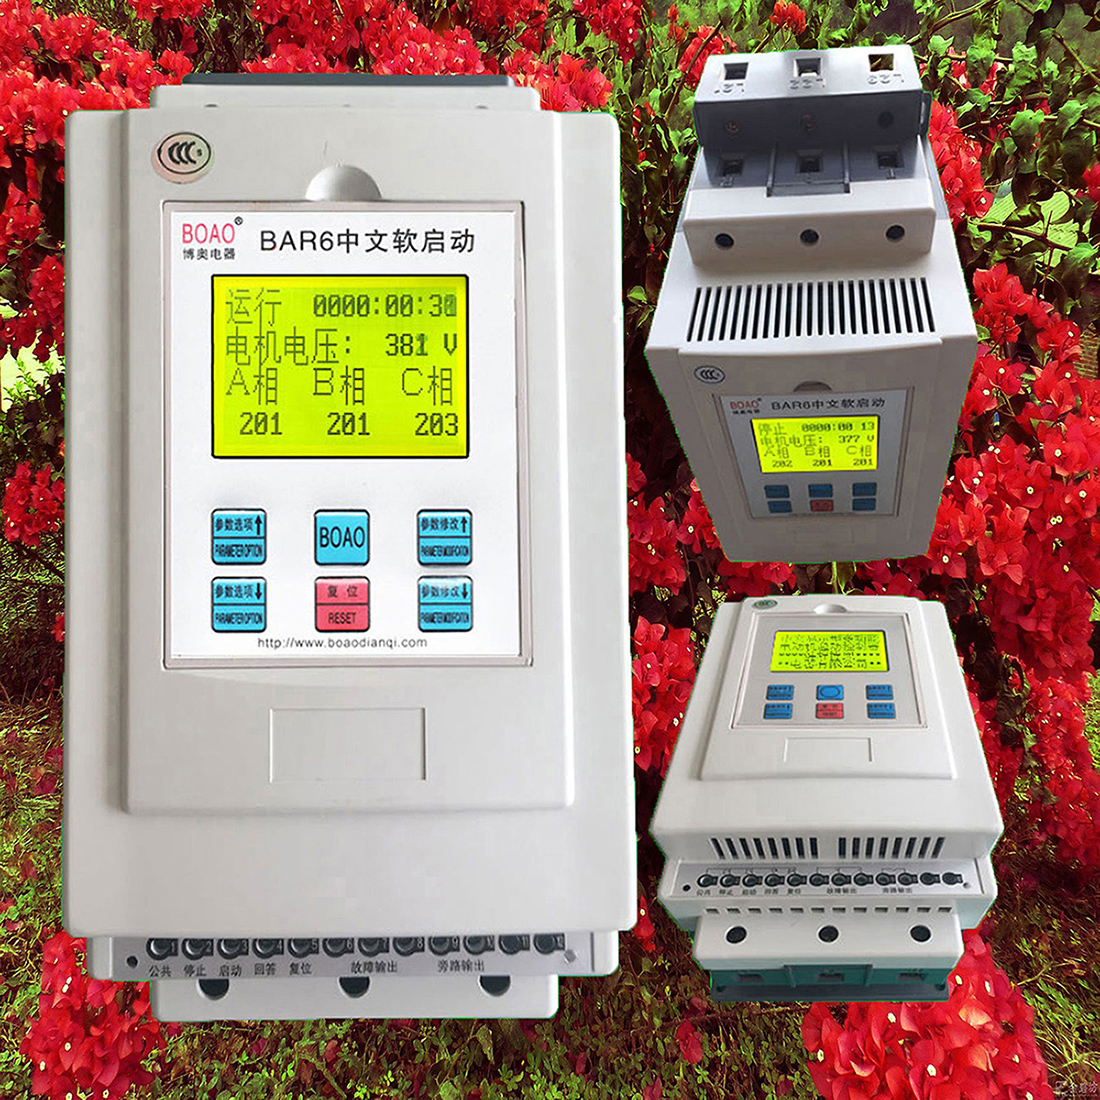 桂林软启动器300KW厂家电话-桂林软启动器220KW厂家电话